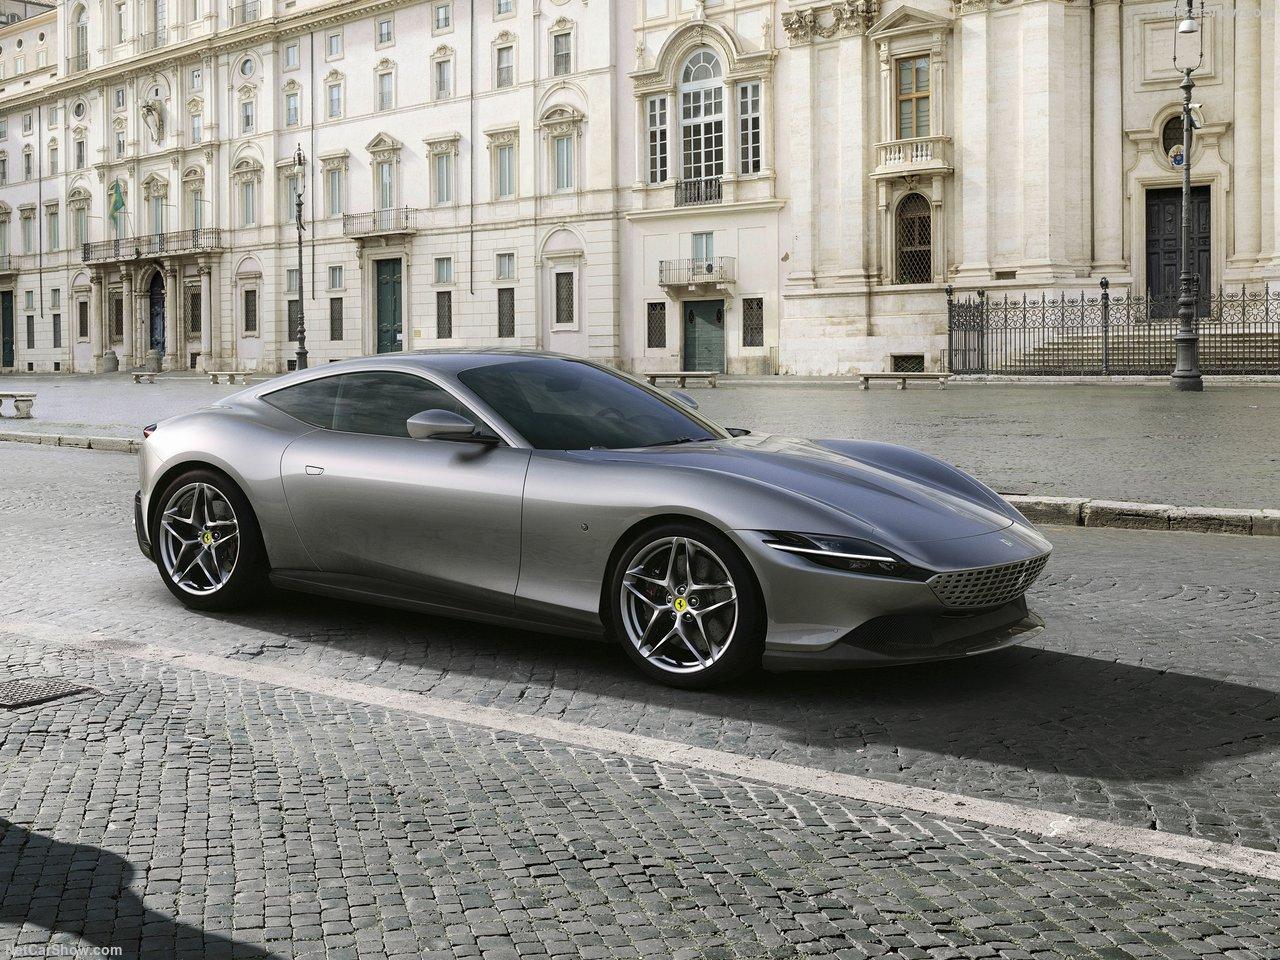 最强GT跑车!图文详解全新法拉利Roma车型